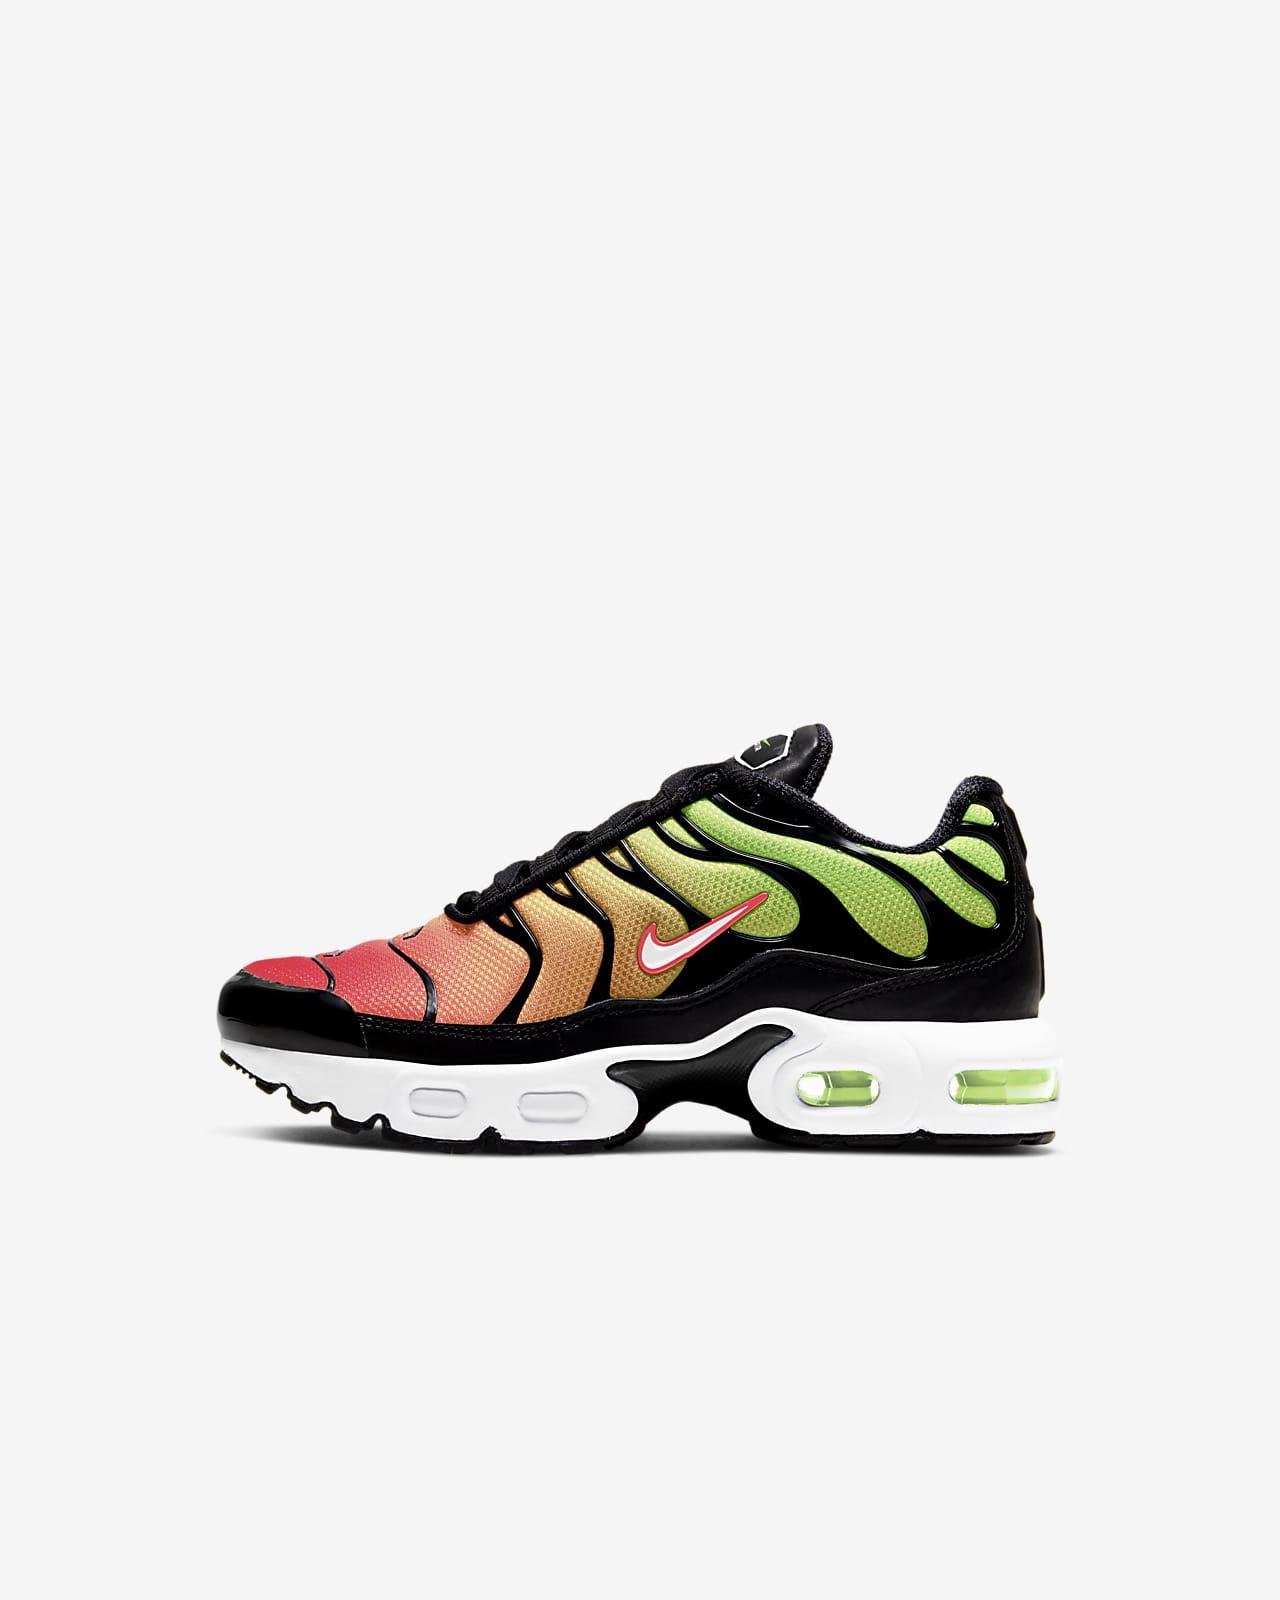 Nike Air Max Plus Zapatillas - Niño/a pequeño/a